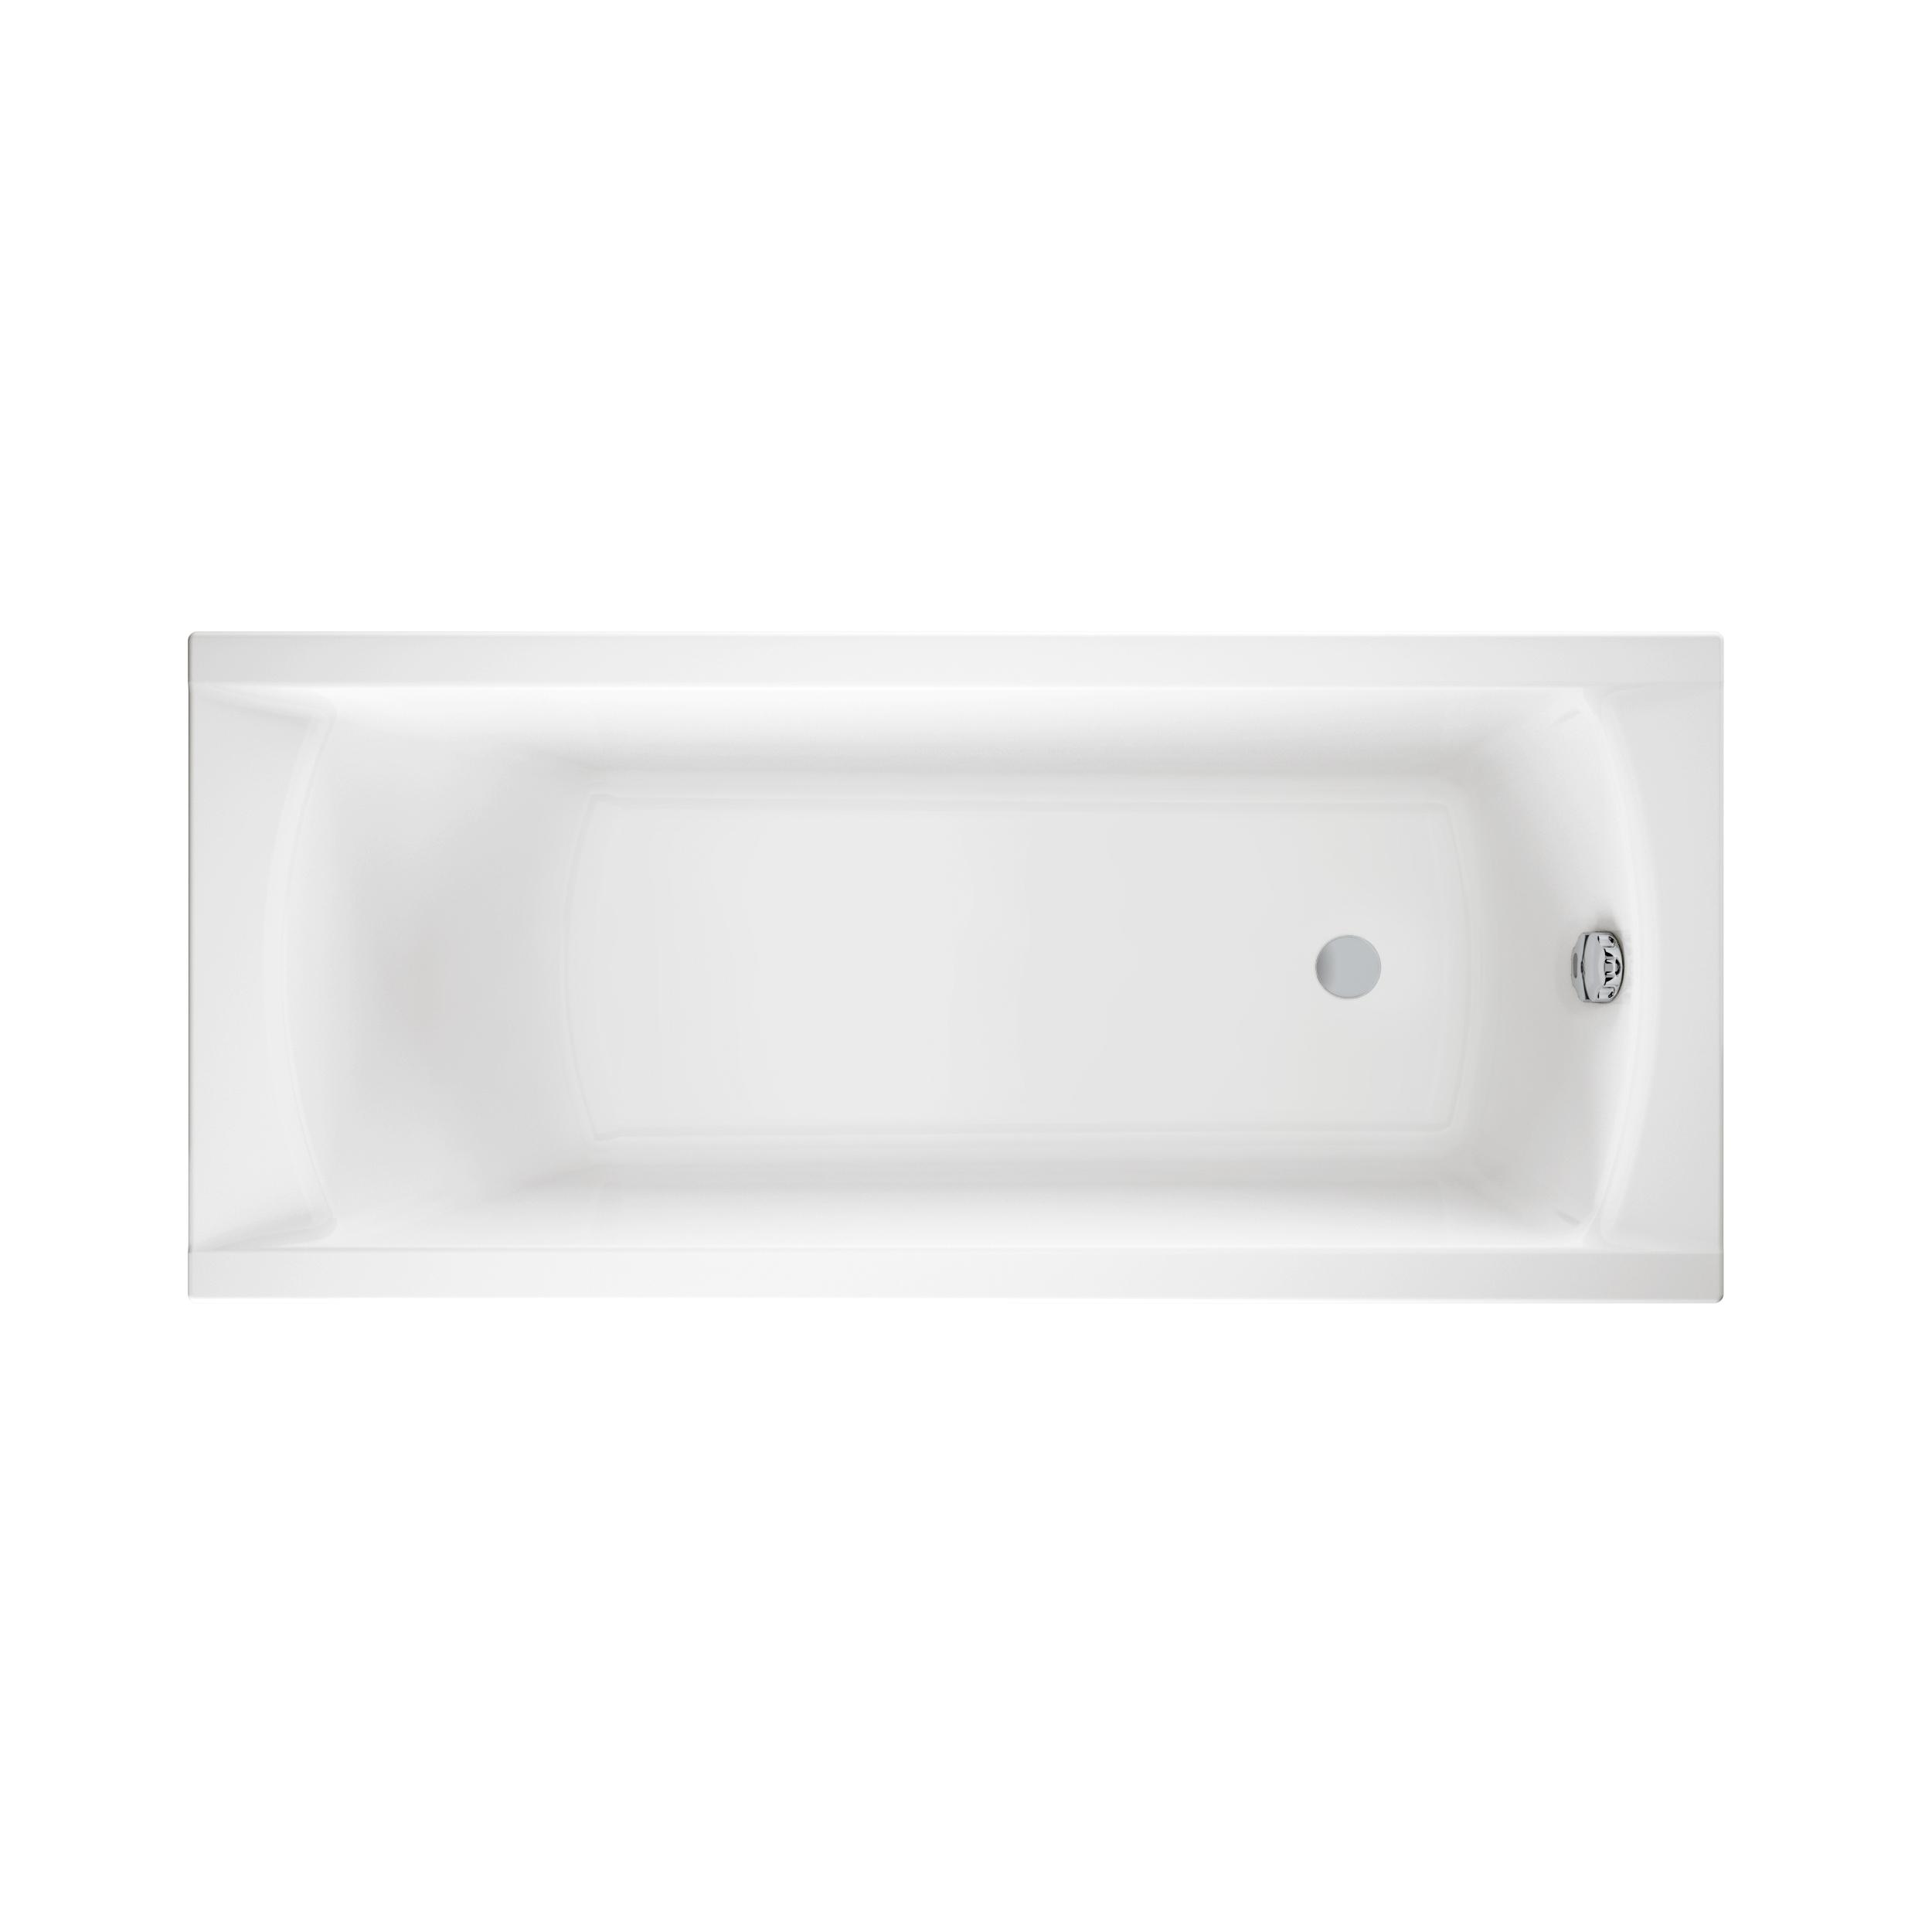 Ванна акриловая Cersanit Korat 160 01006